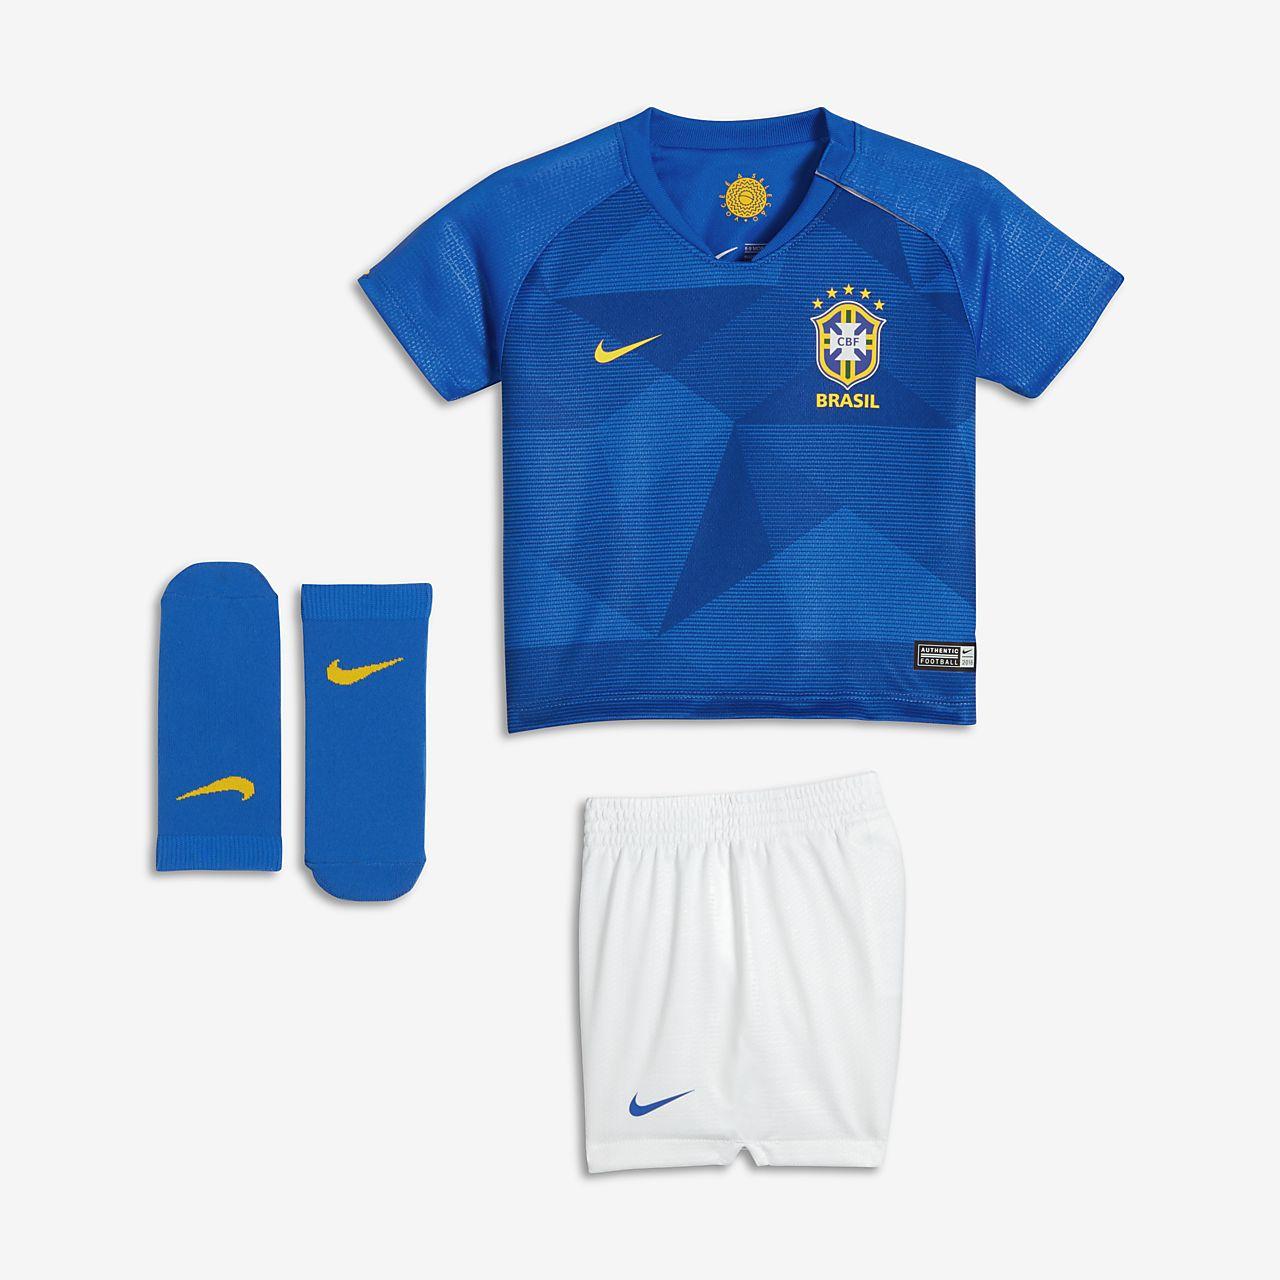 abd72201f1e56 Uniforme de fútbol para bebé e infantil 2018 Brasil CBF Stadium Away ...